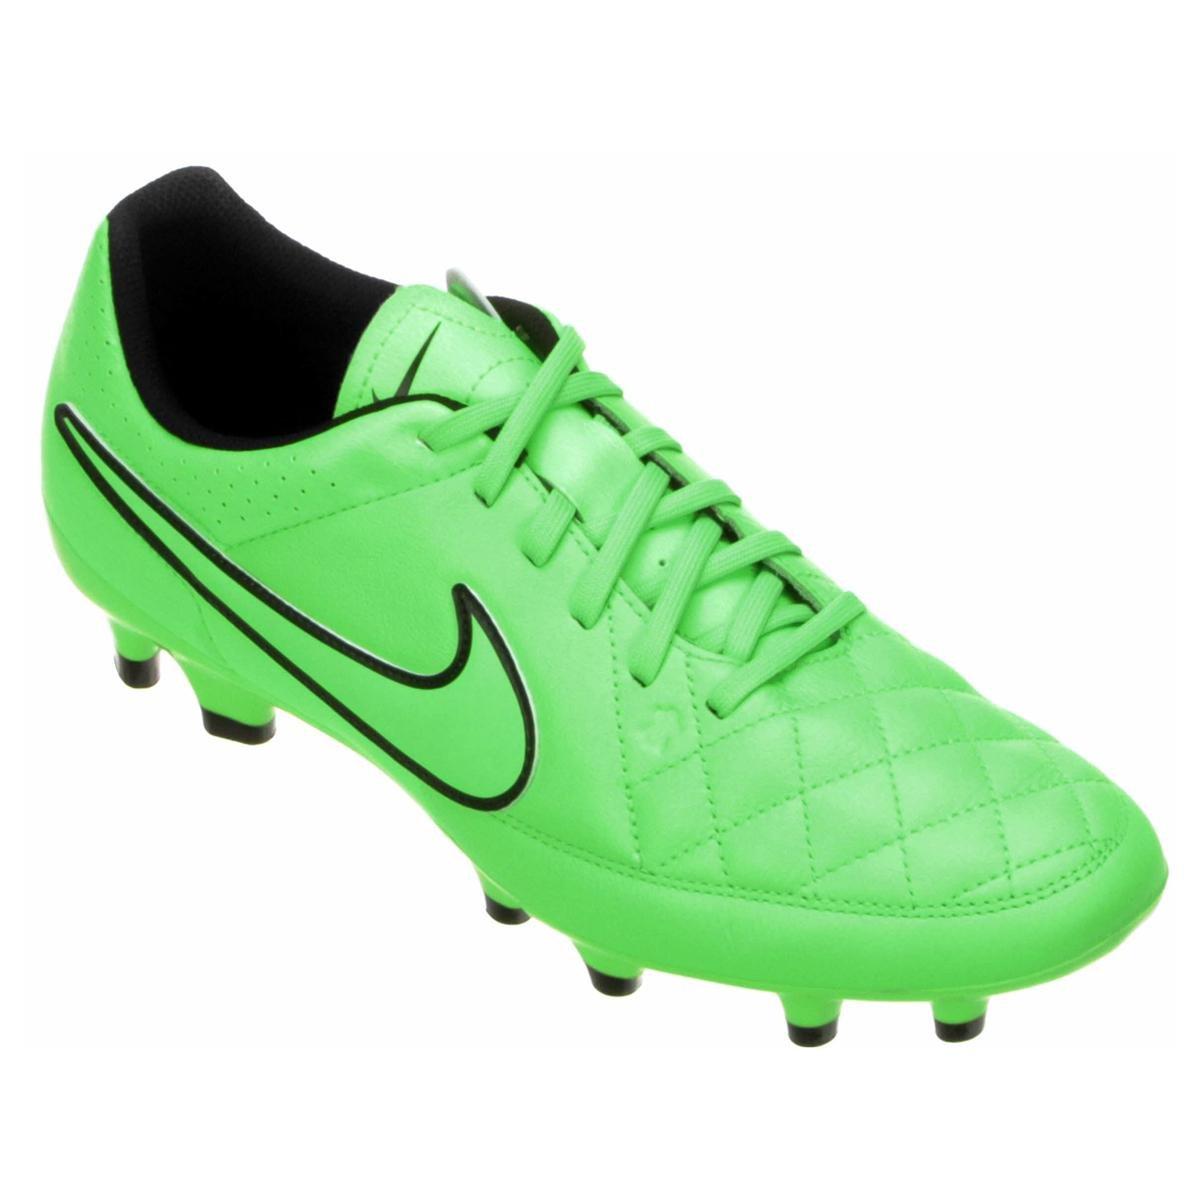 4b4ef5d221 Chuteira Nike Tiempo Gênio Leather FG Campo